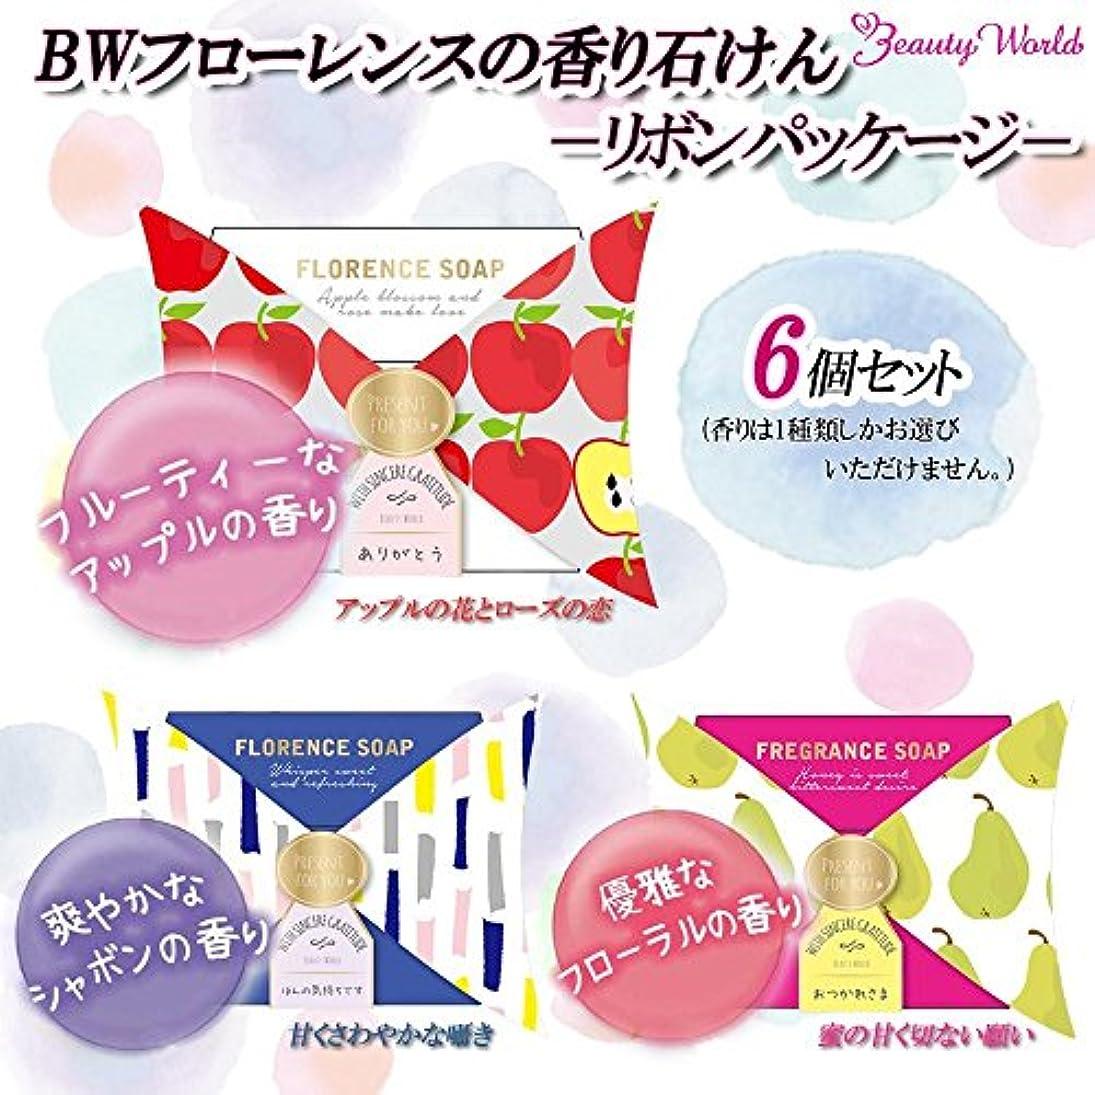 遺棄されたゆりつぶやきビューティーワールド BWフローレンスの香り石けん リボンパッケージ 6個セット ■3種類の内「FSP386?蜜の甘く切ない願い」を1点のみです